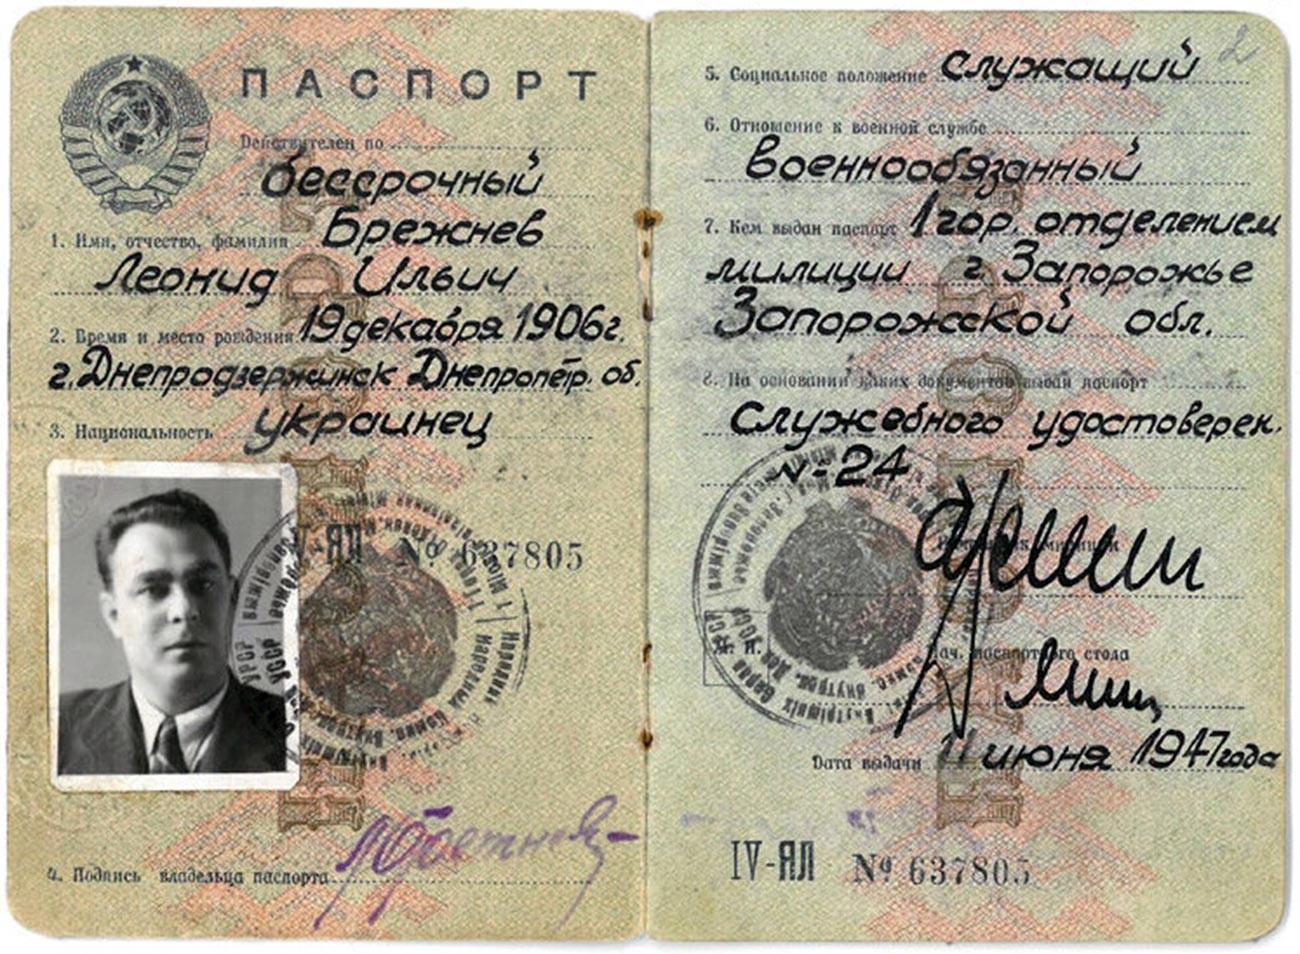 Il passaporto di Leonid Brezhnev, Segretario Generale del Comitato Esecutivo del Partito Comunista dell'URSS